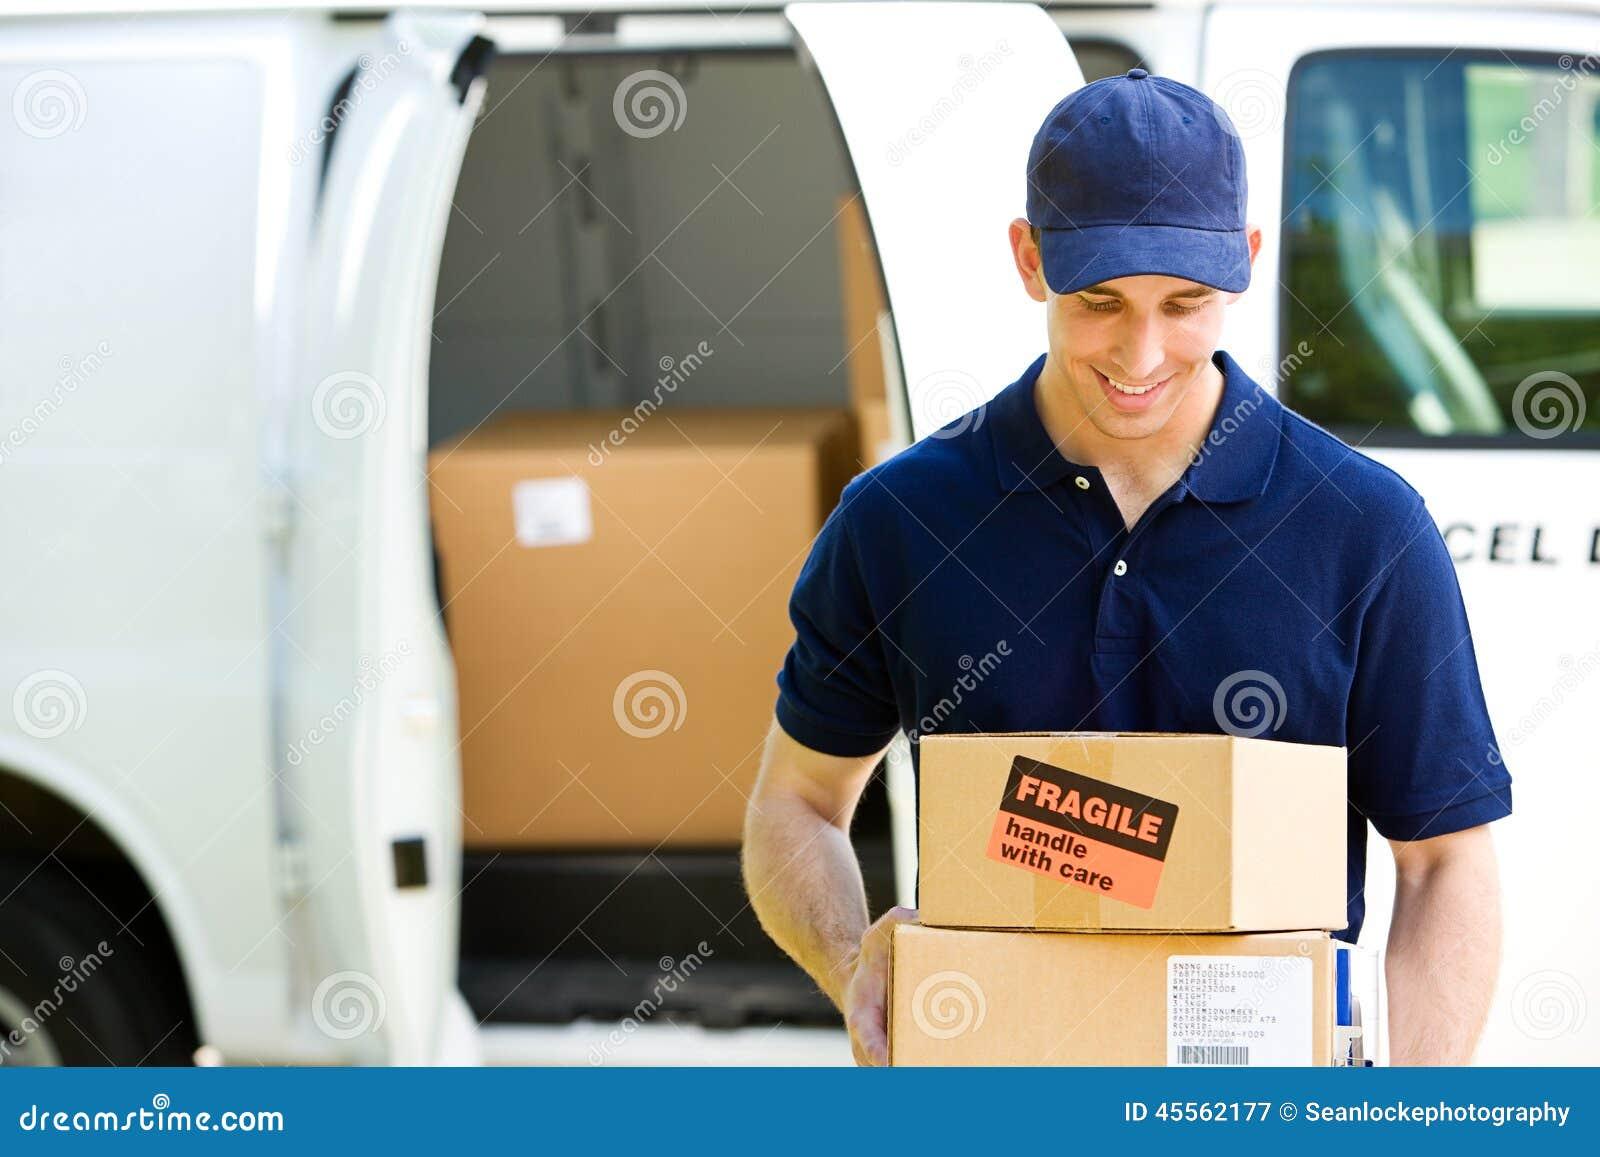 Entrega: Estar por Van com caixas